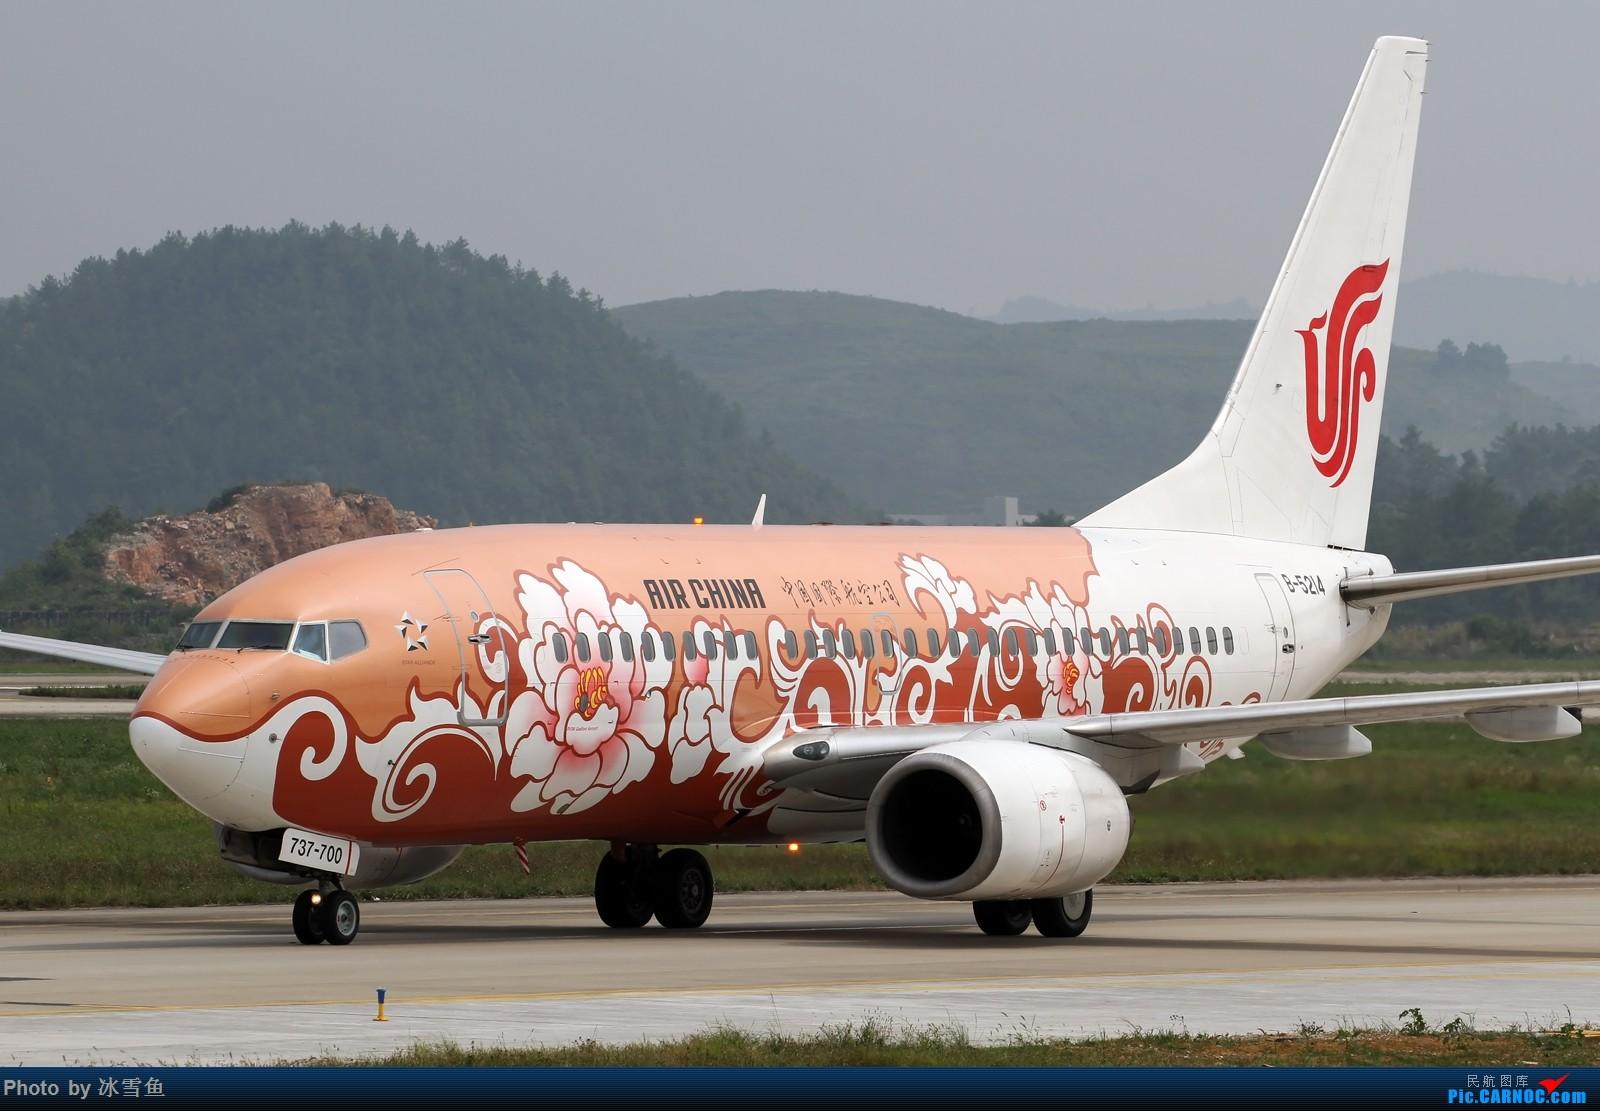 Re:[原创]【BLDDQ】贵阳龙洞堡,候机时拍几张,同时回味滑行道边曾经的拍机位 BOEING 737-700 B-5214 中国贵阳龙洞堡国际机场